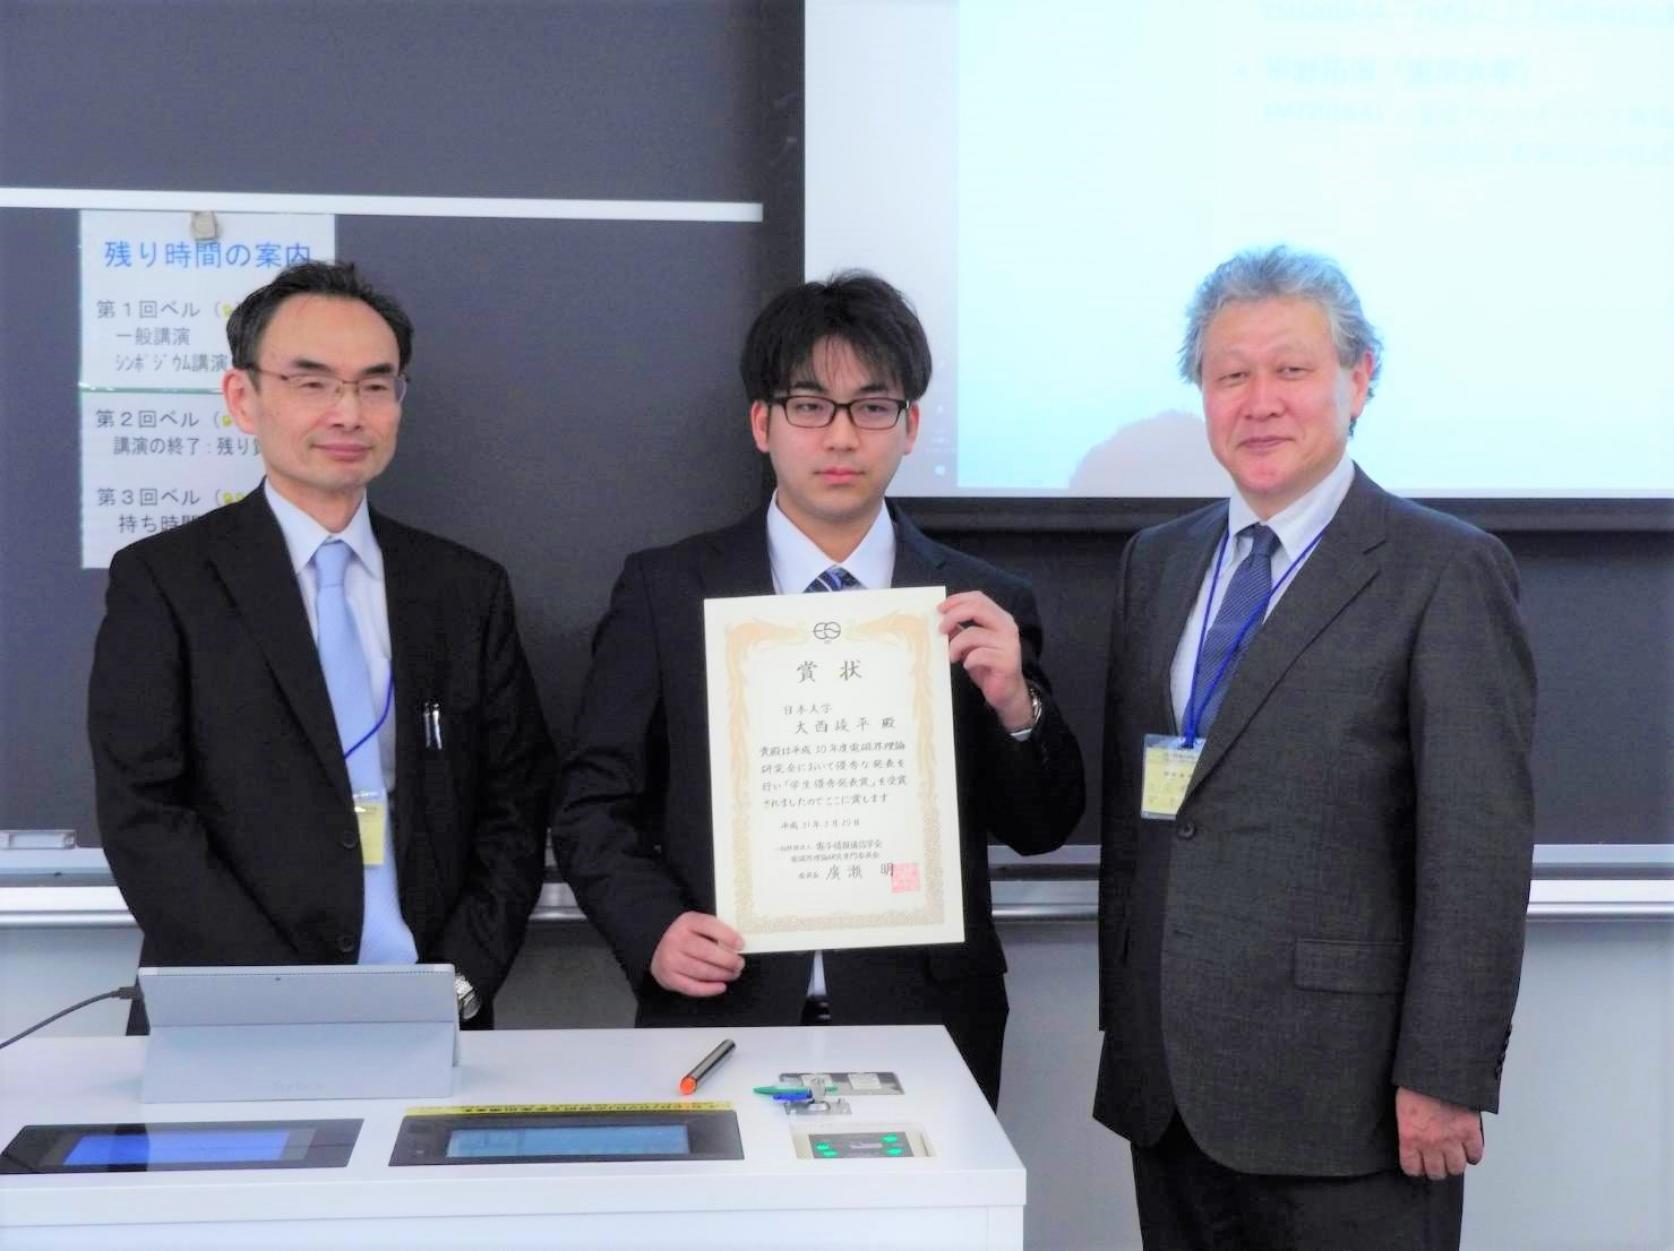 電気工学専攻博士前期課程修了の大西崚平さんが「電子情報通信学会 平成30年度電磁界理論研究会」において、学生優秀発表賞を受賞しました。